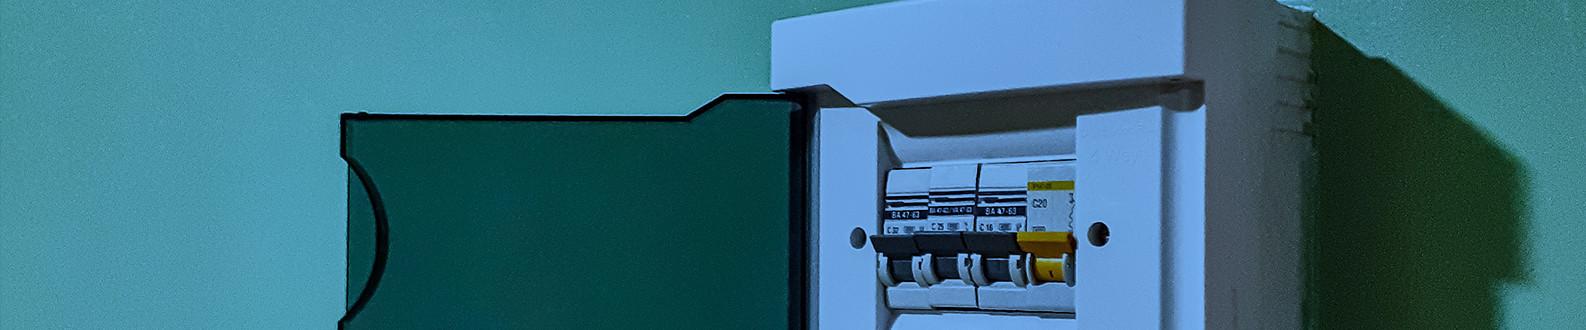 Tableau électrique: Coffret et armoire pour la distribution électrique